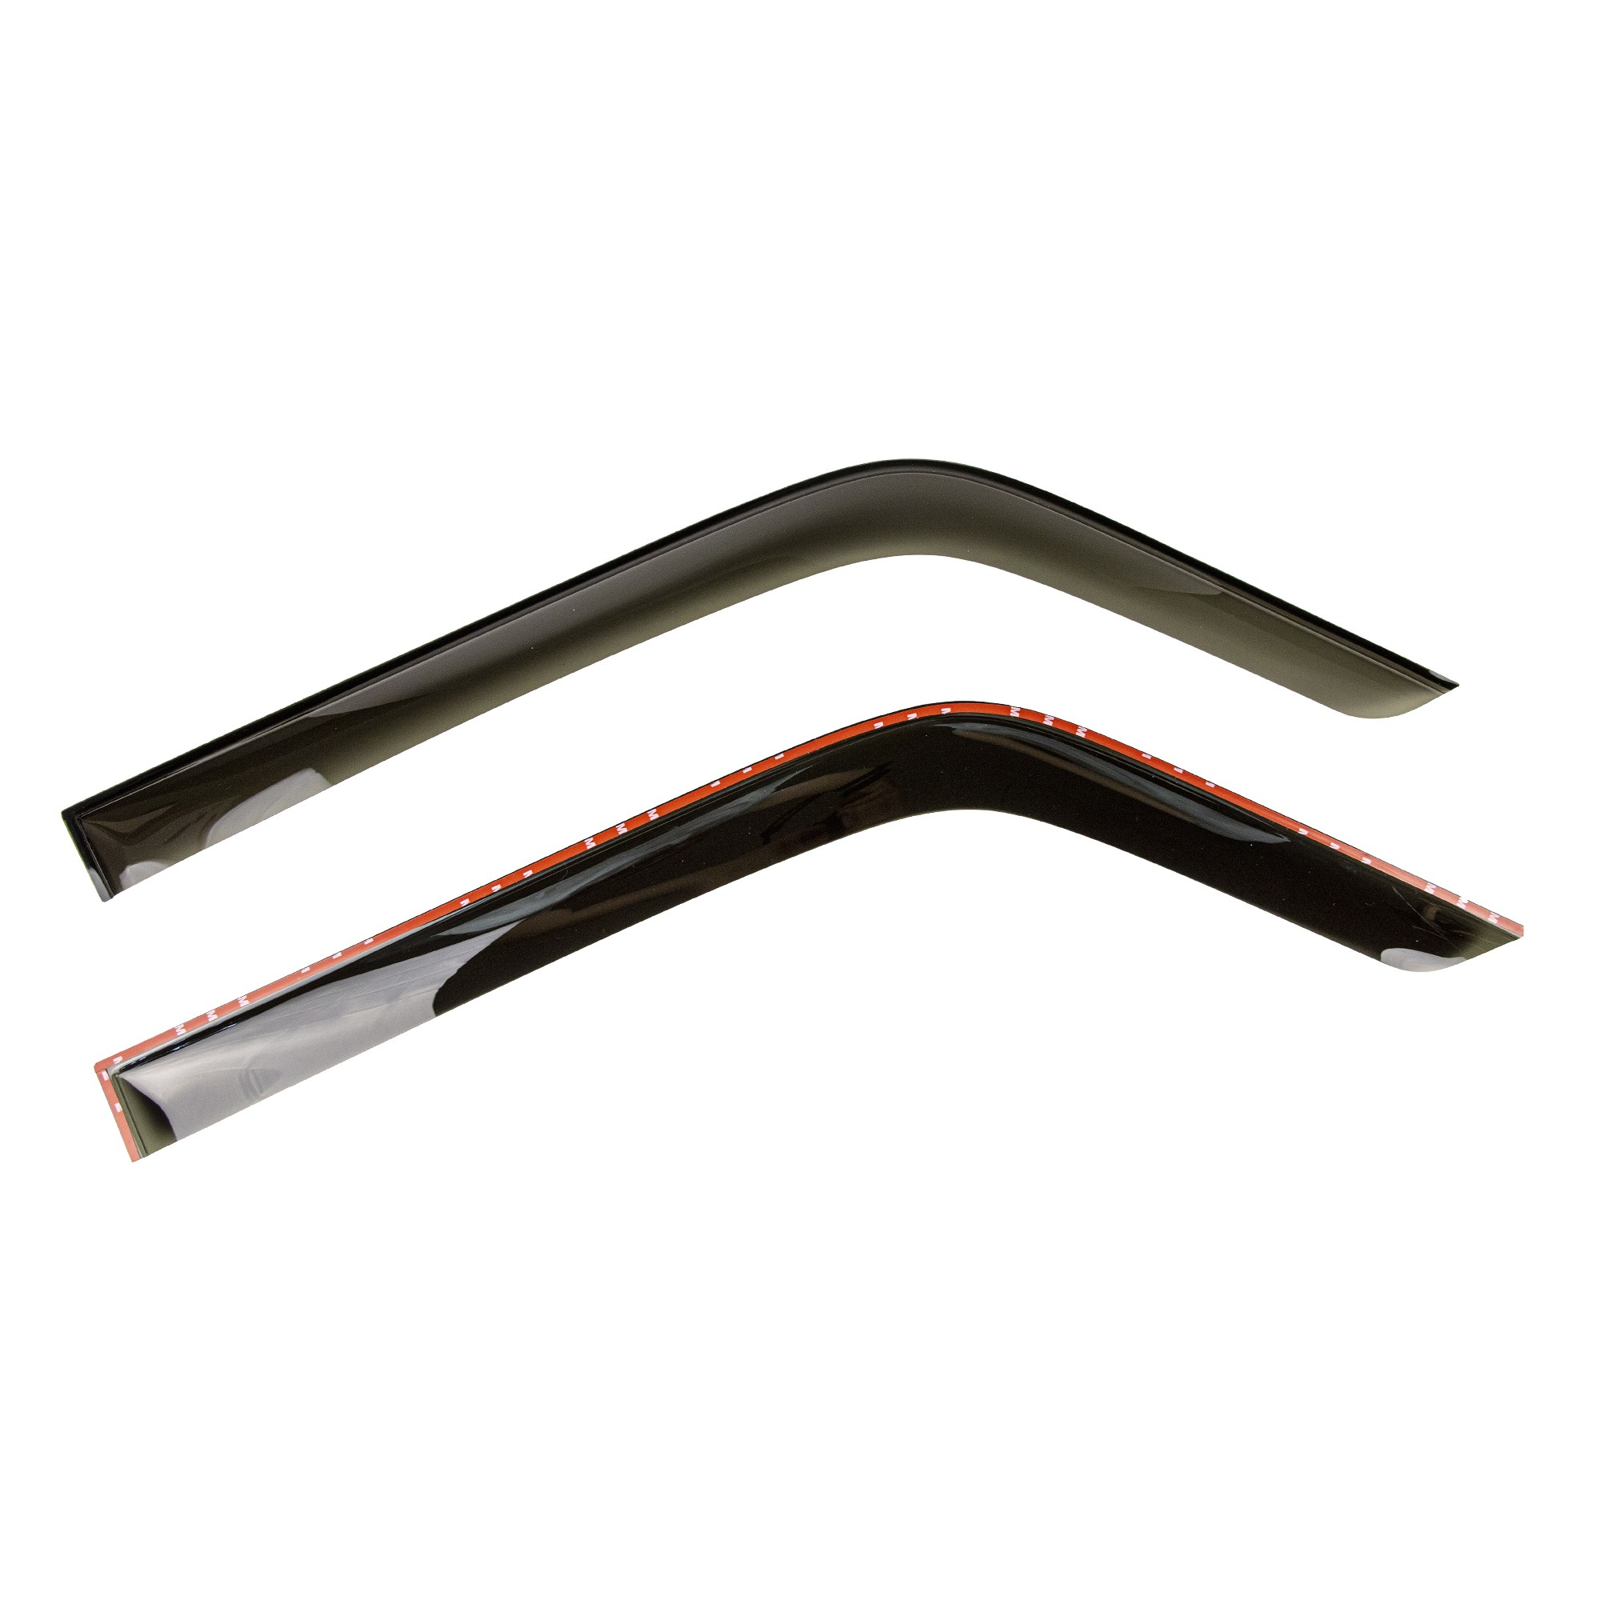 Дефлекторы боковых стекол (ветровики) ТТ с пролжением для LADA Niva Legend с 2009 г.в.(3дв.)